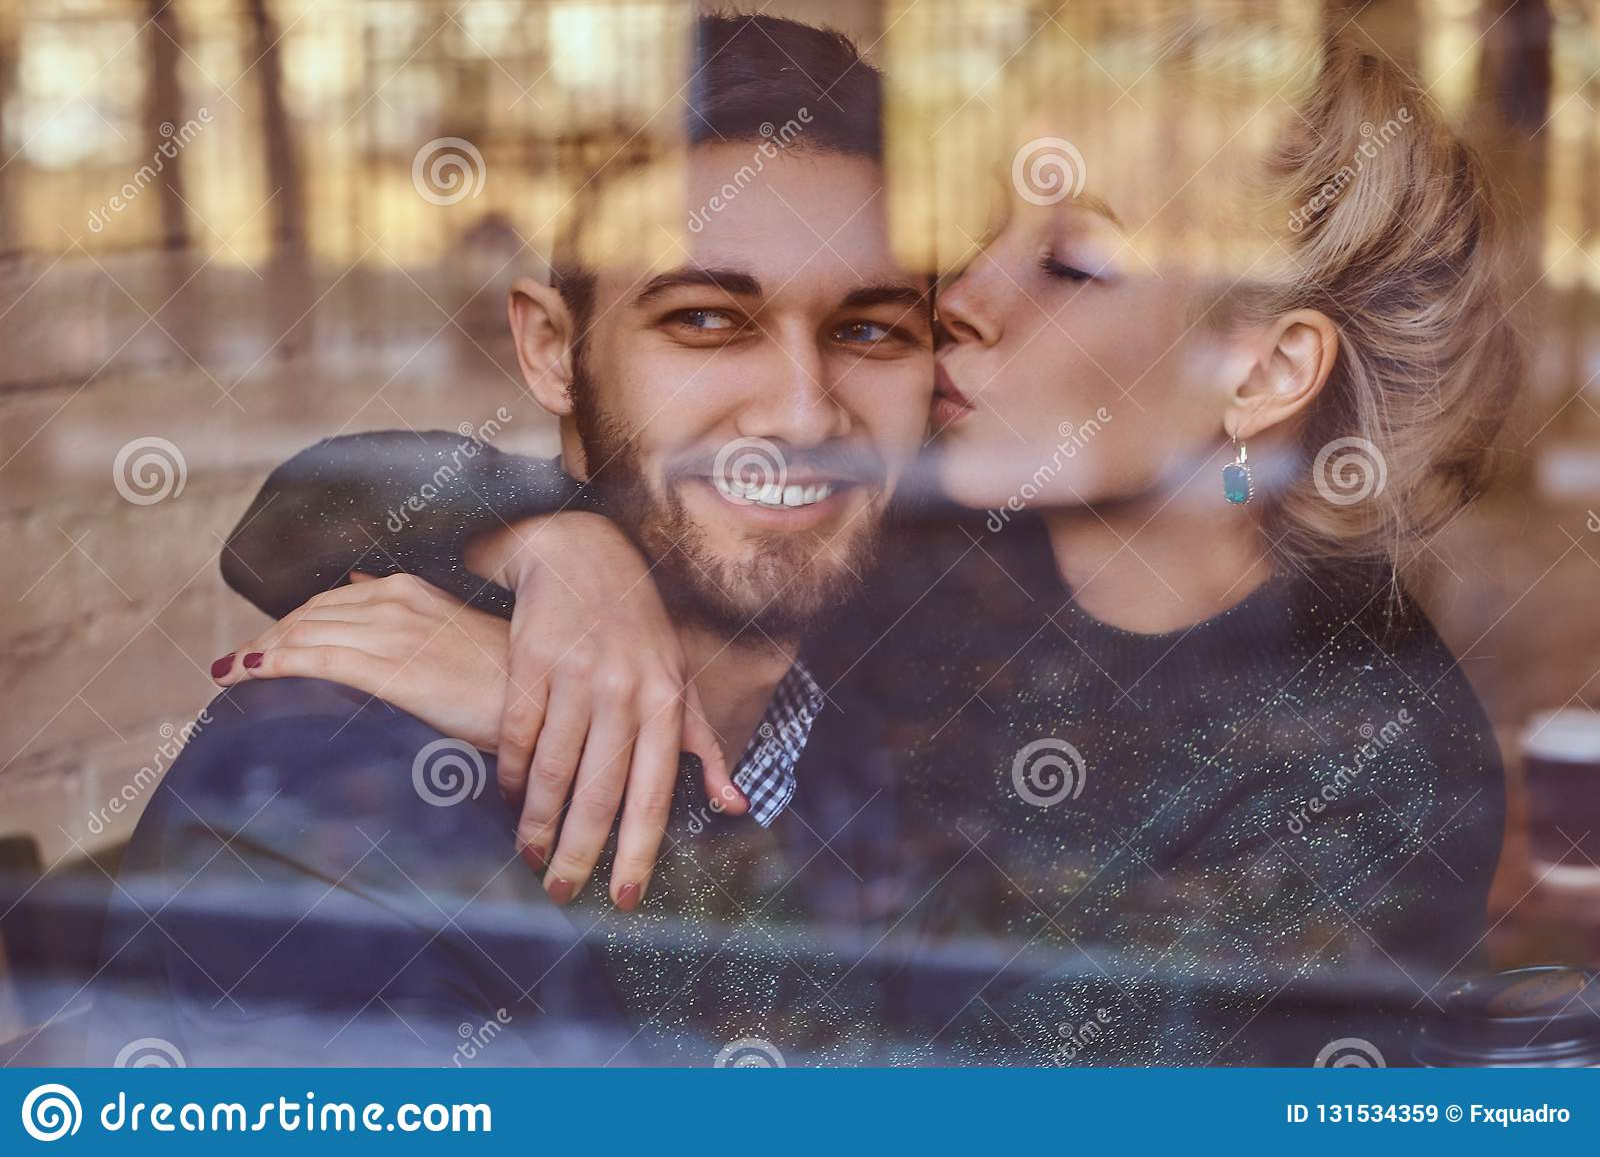 Für und Wider der Datierung Ihres Freundes